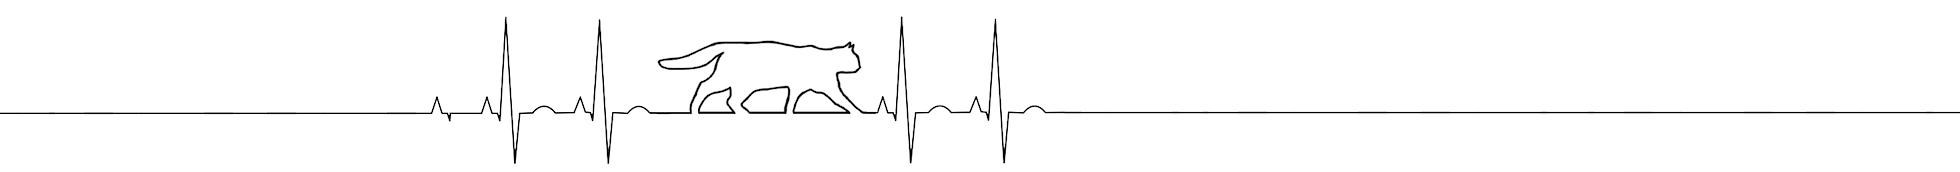 Heartbeat wildcat